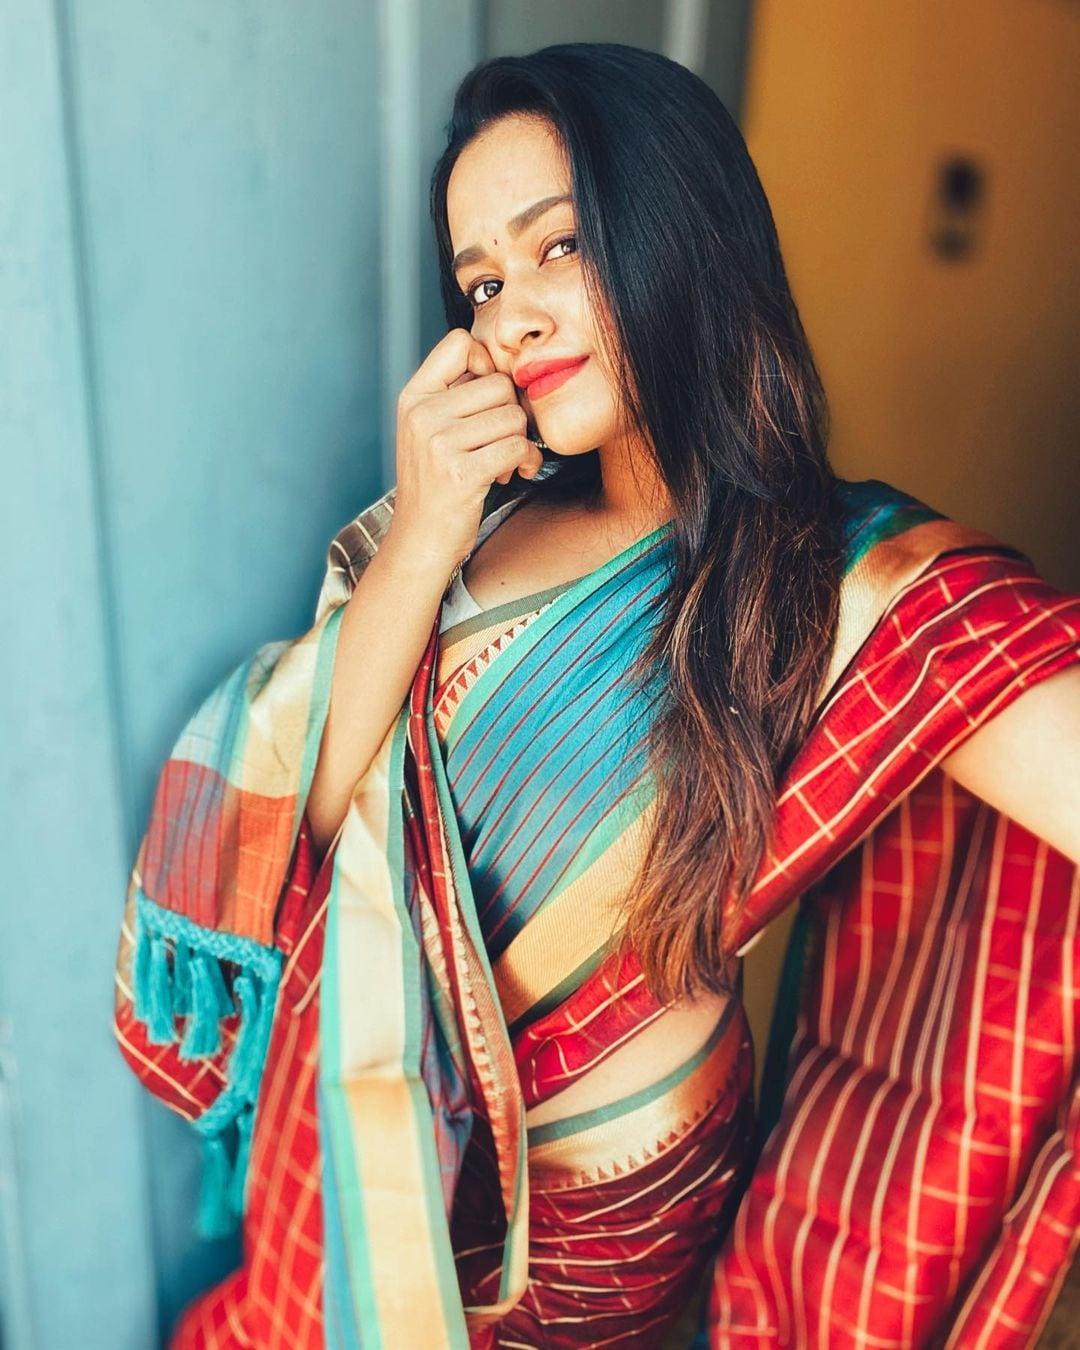 நடிகை காவியா அறிவுமணி ( Image : Instagram @kaavyaarivumanioffl)